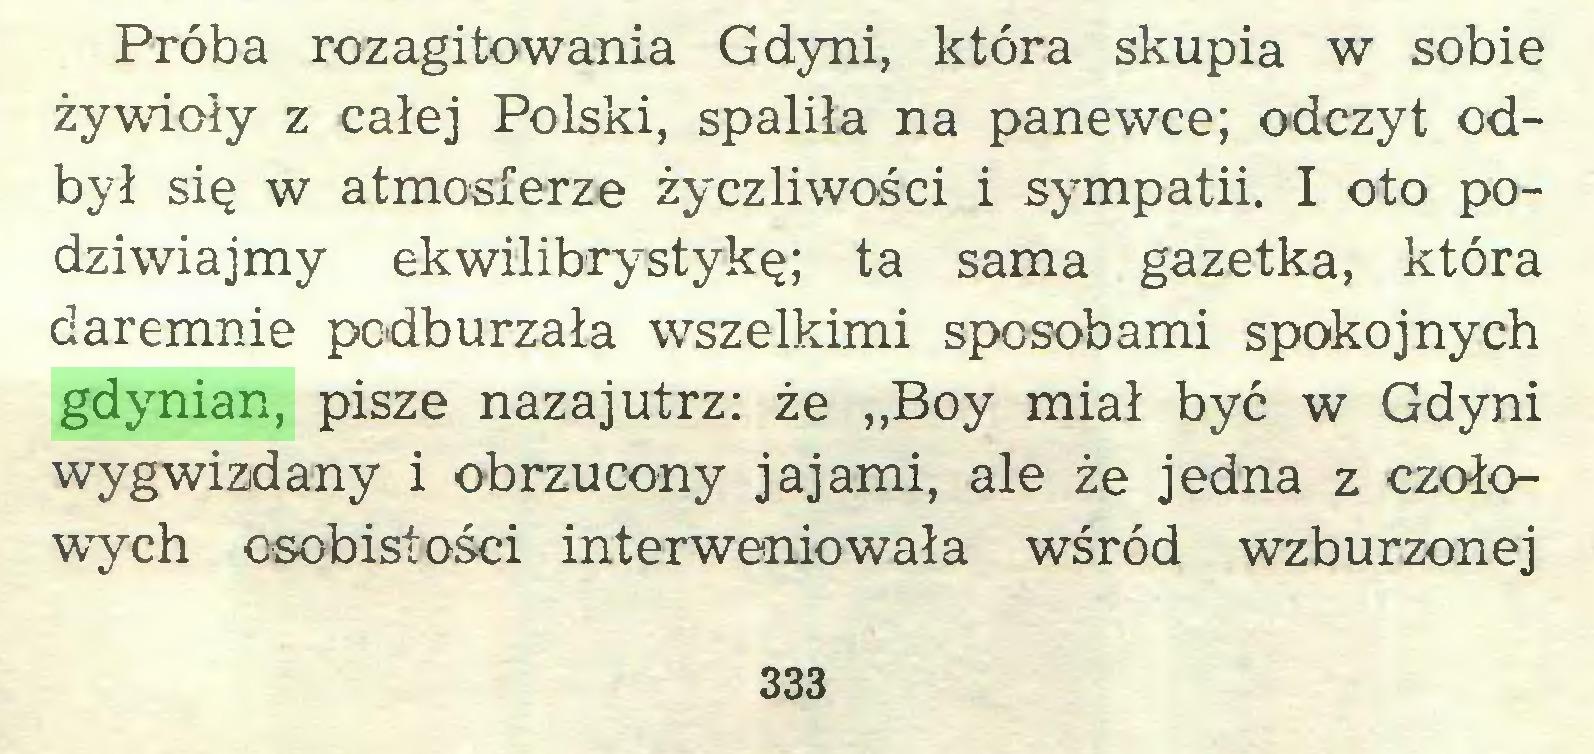 """(...) Próba rozagitowania Gdyni, która skupia w sobie żywioły z całej Polski, spaliła na panewce; odczyt odbył się w atmosferze życzliwości i sympatii. I oto podziwiajmy ekwilibrystykę; ta sama gazetka, która daremnie podburzała wszelkimi sposobami spokojnych gdynian, pisze nazajutrz: że """"Boy miał być w Gdyni wygwizdany i obrzucony jajami, ale że jedna z czołowych osobistości interweniowała wśród wzburzonej 333..."""